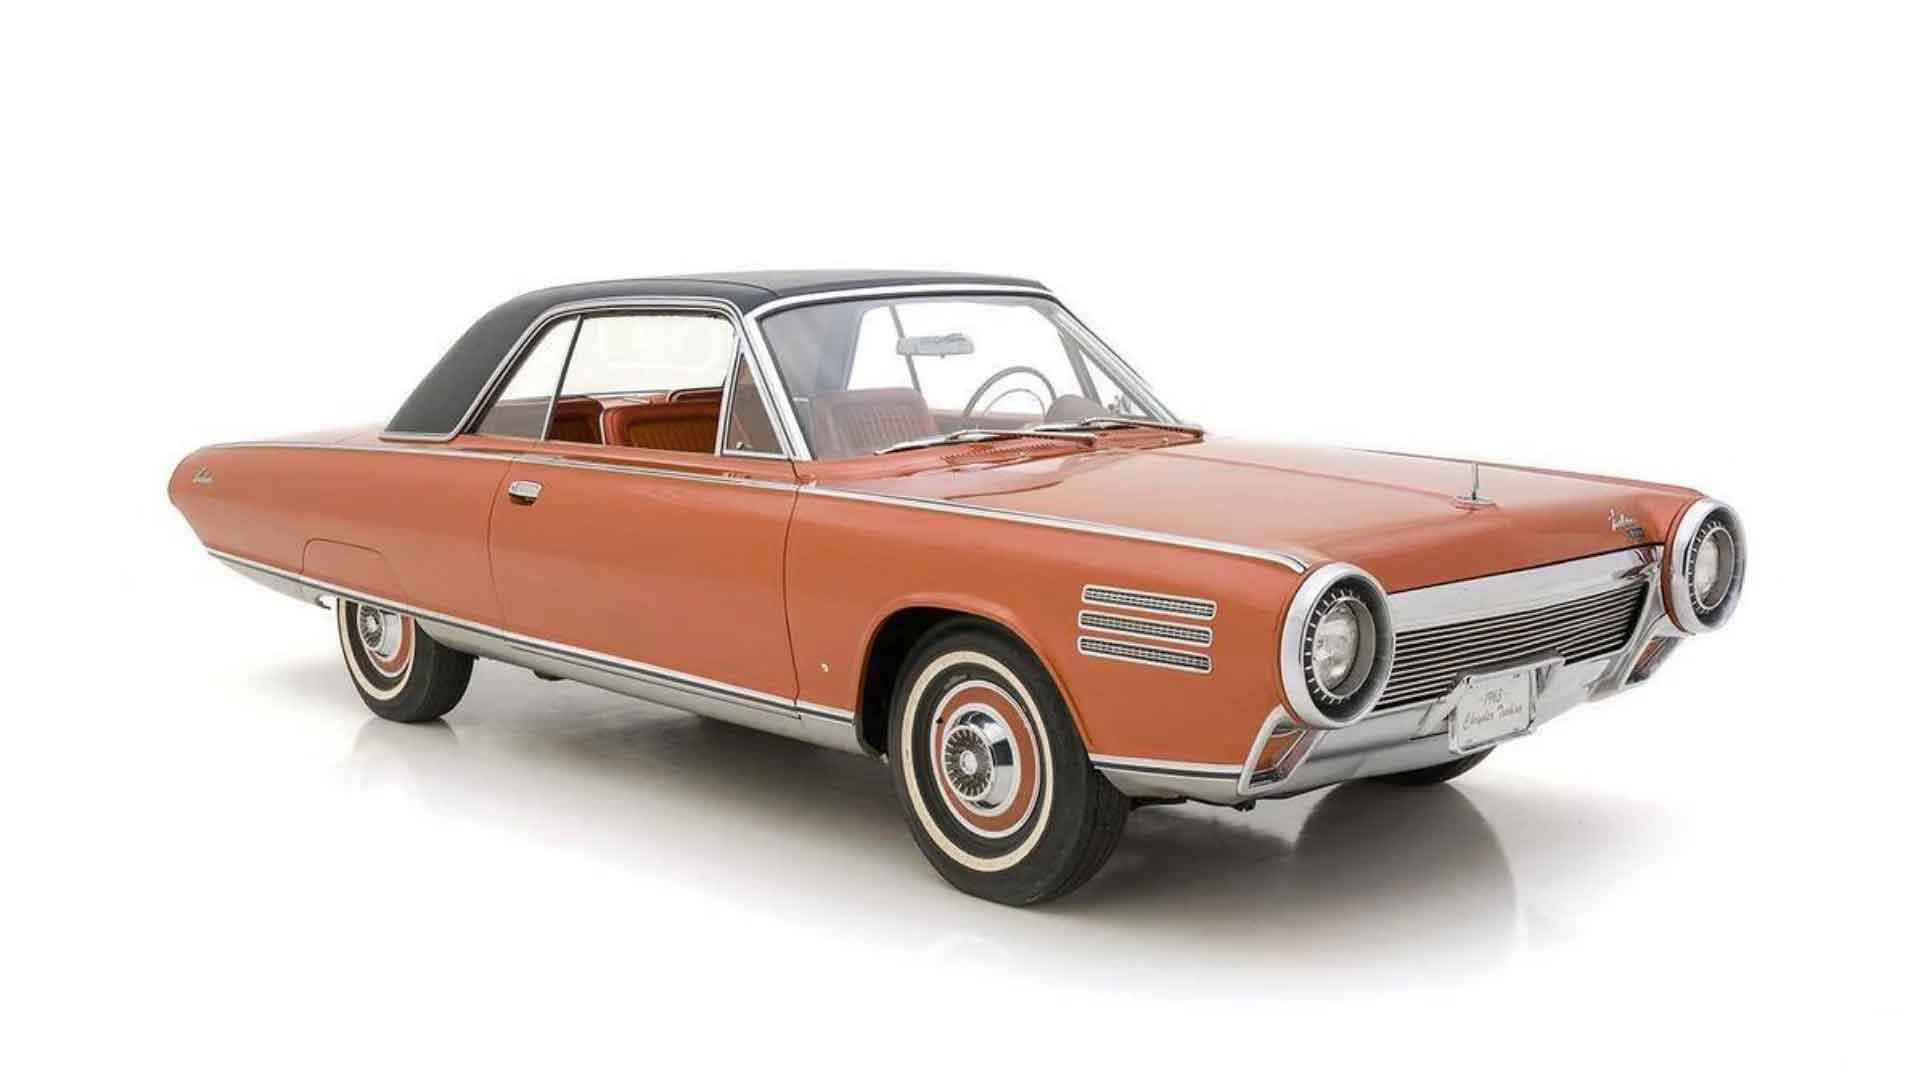 Chrysler Turbine Car, um dos poucos carros a ser contruído usando um motor de turbina